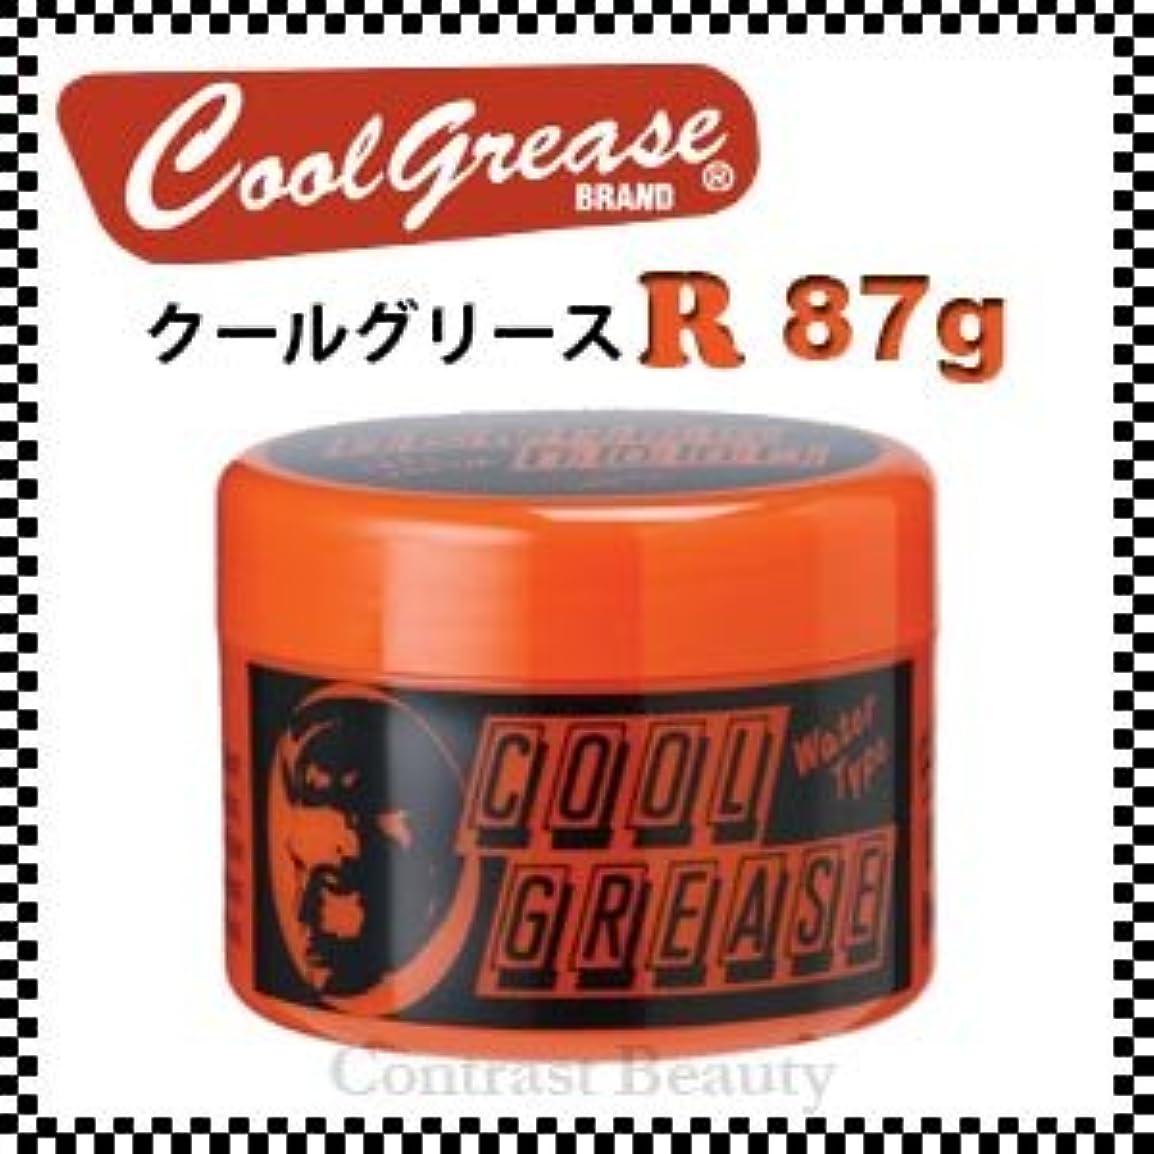 クレーン店主レーニン主義【X3個セット】 阪本高生堂 クールグリース R 87g